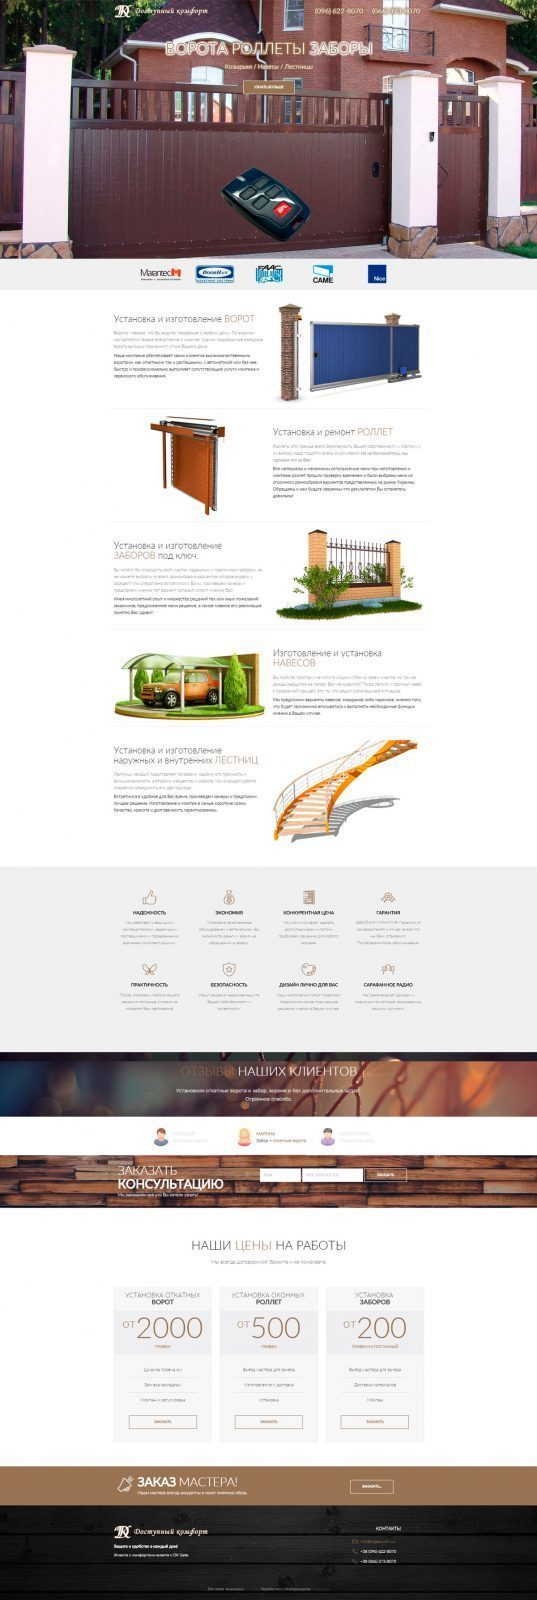 Сайт для DKGate - Разработка, создание, СЕО сайтов ✪𝐖𝐄𝐁𝐌𝐈𝐒𝐓𝐄𝐑